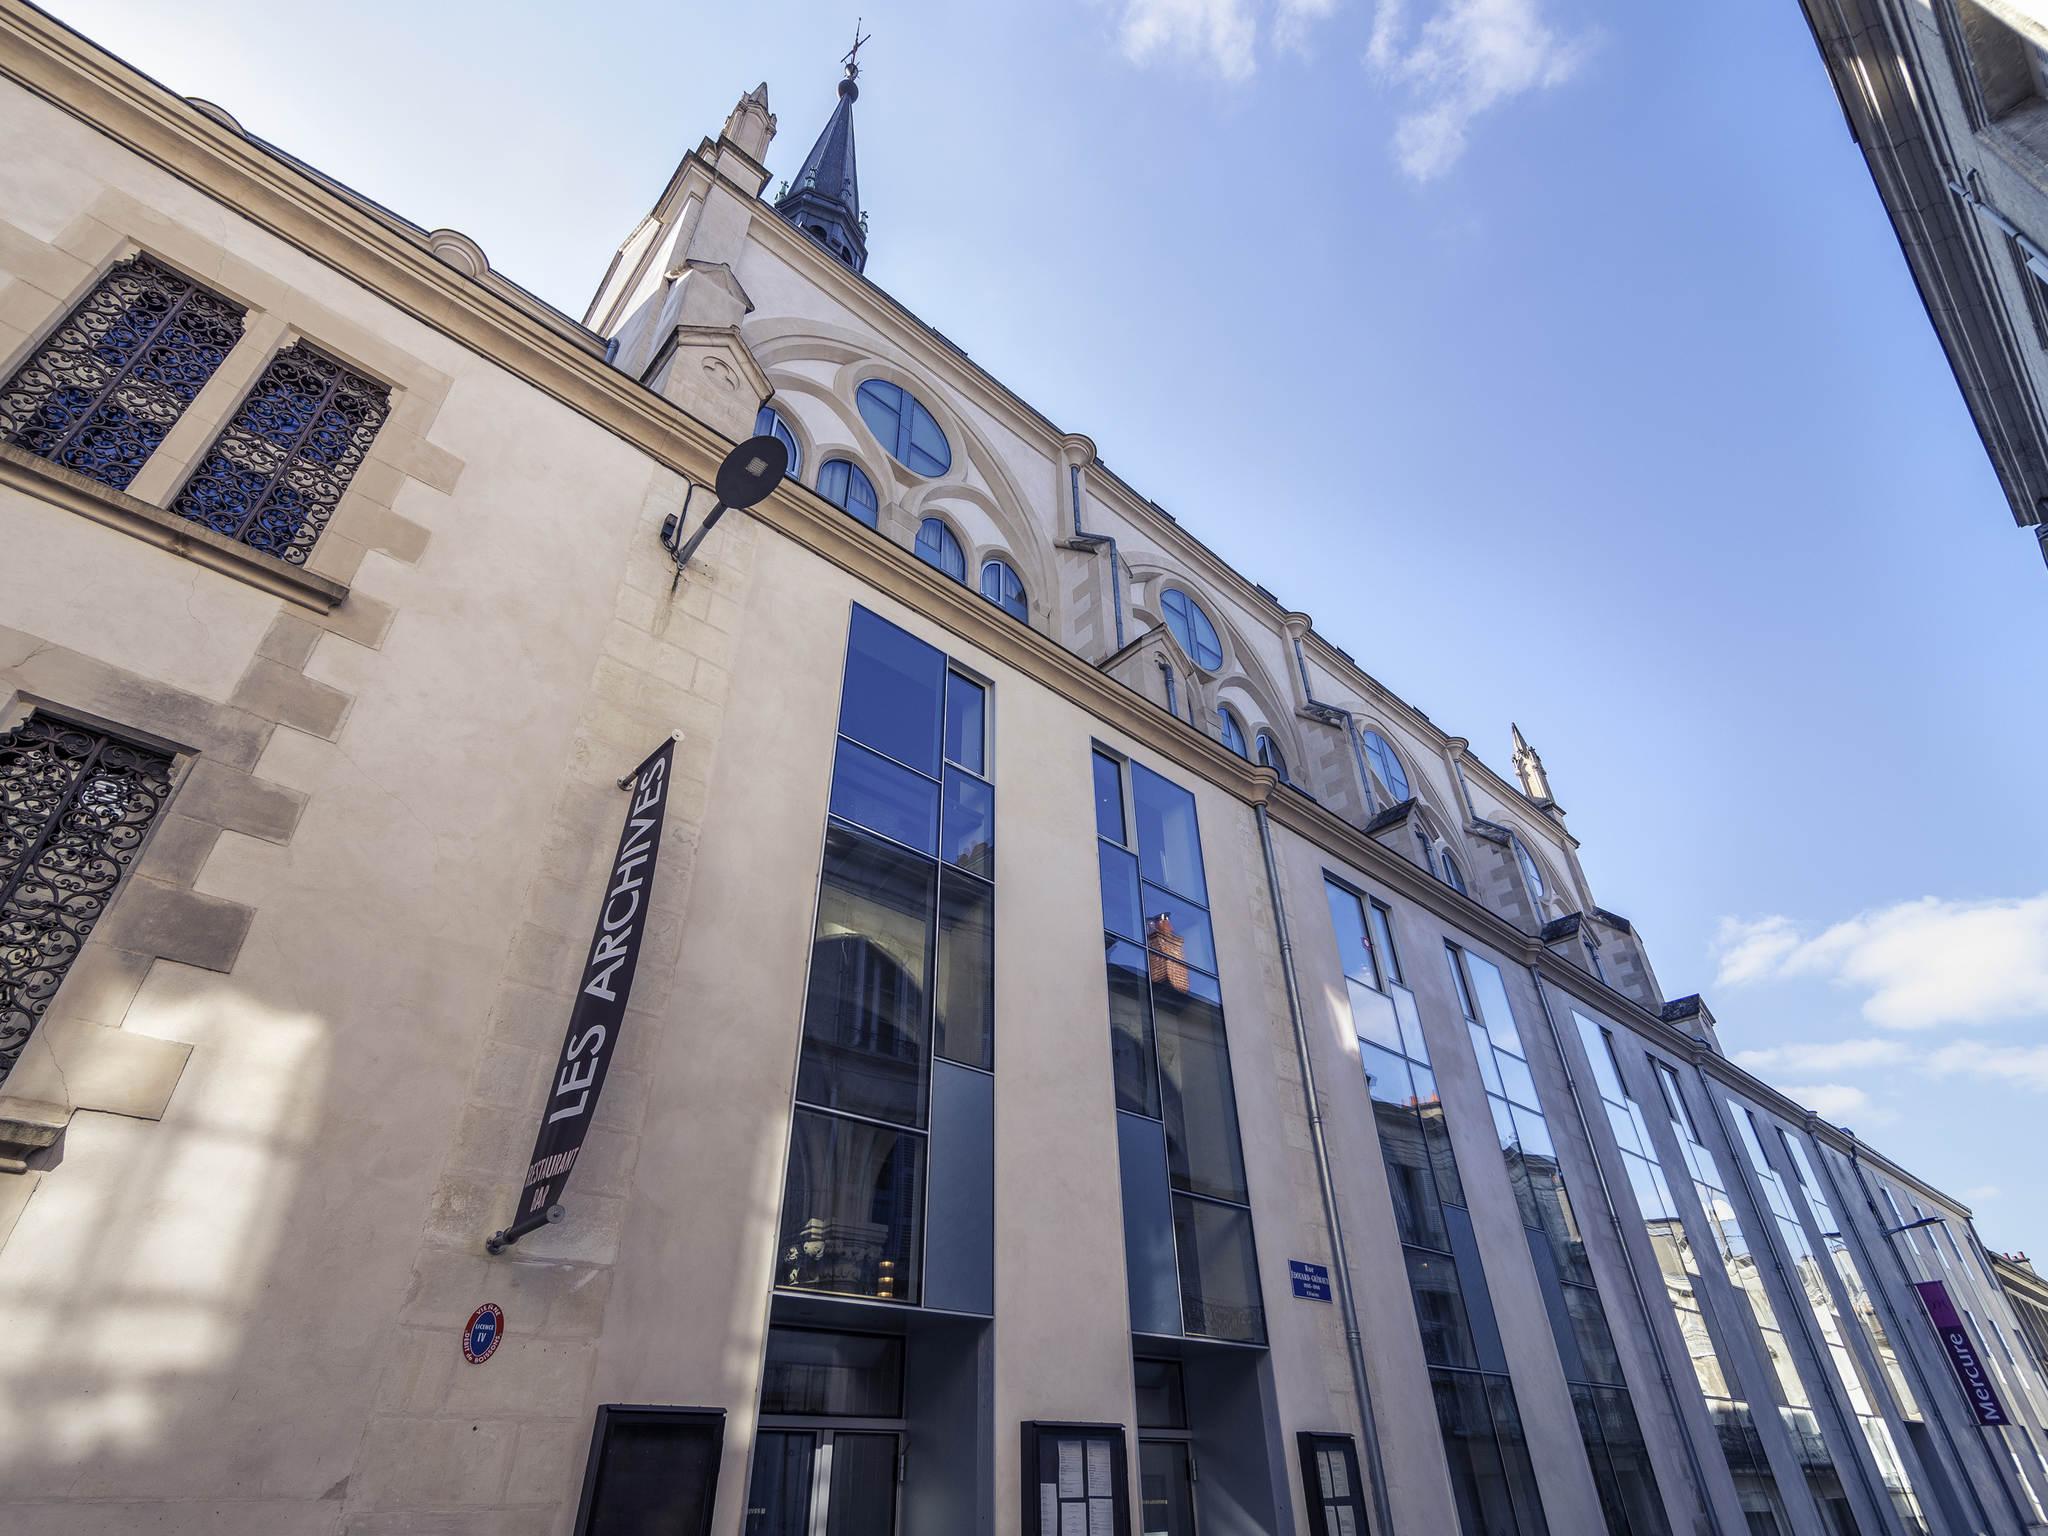 Hotel – Hotel Mercure Poitiers Centro